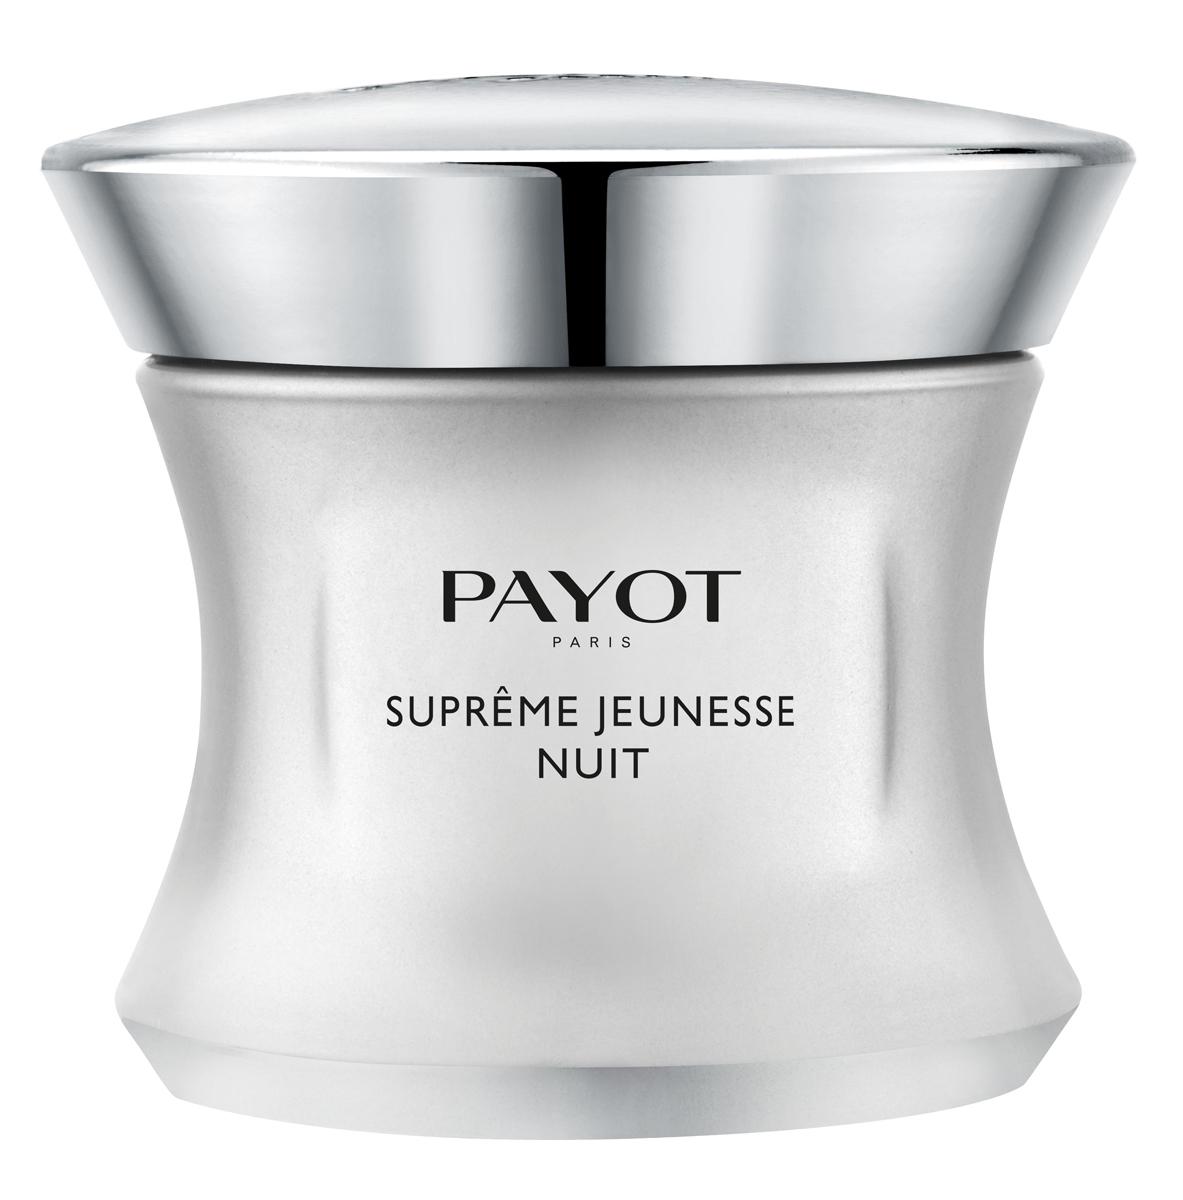 Payot Supreme Jeunesse Ночной крем с непревзойденным омолаживающим эффектом, 50 мл